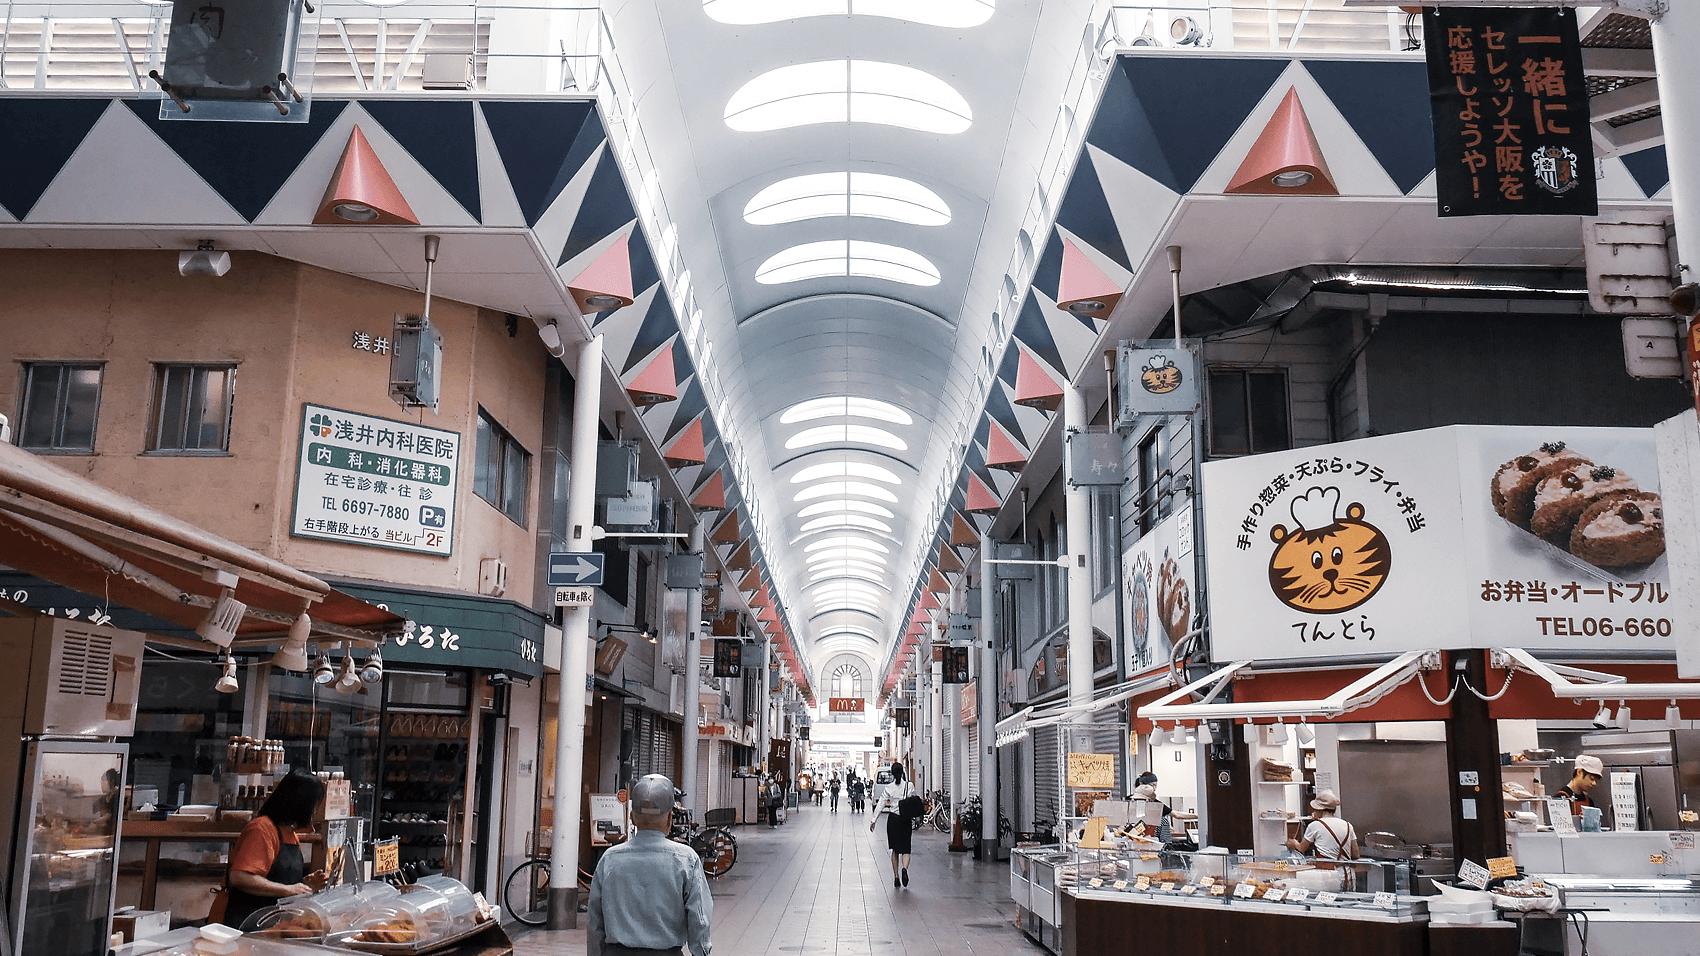 朝の駒川商店街